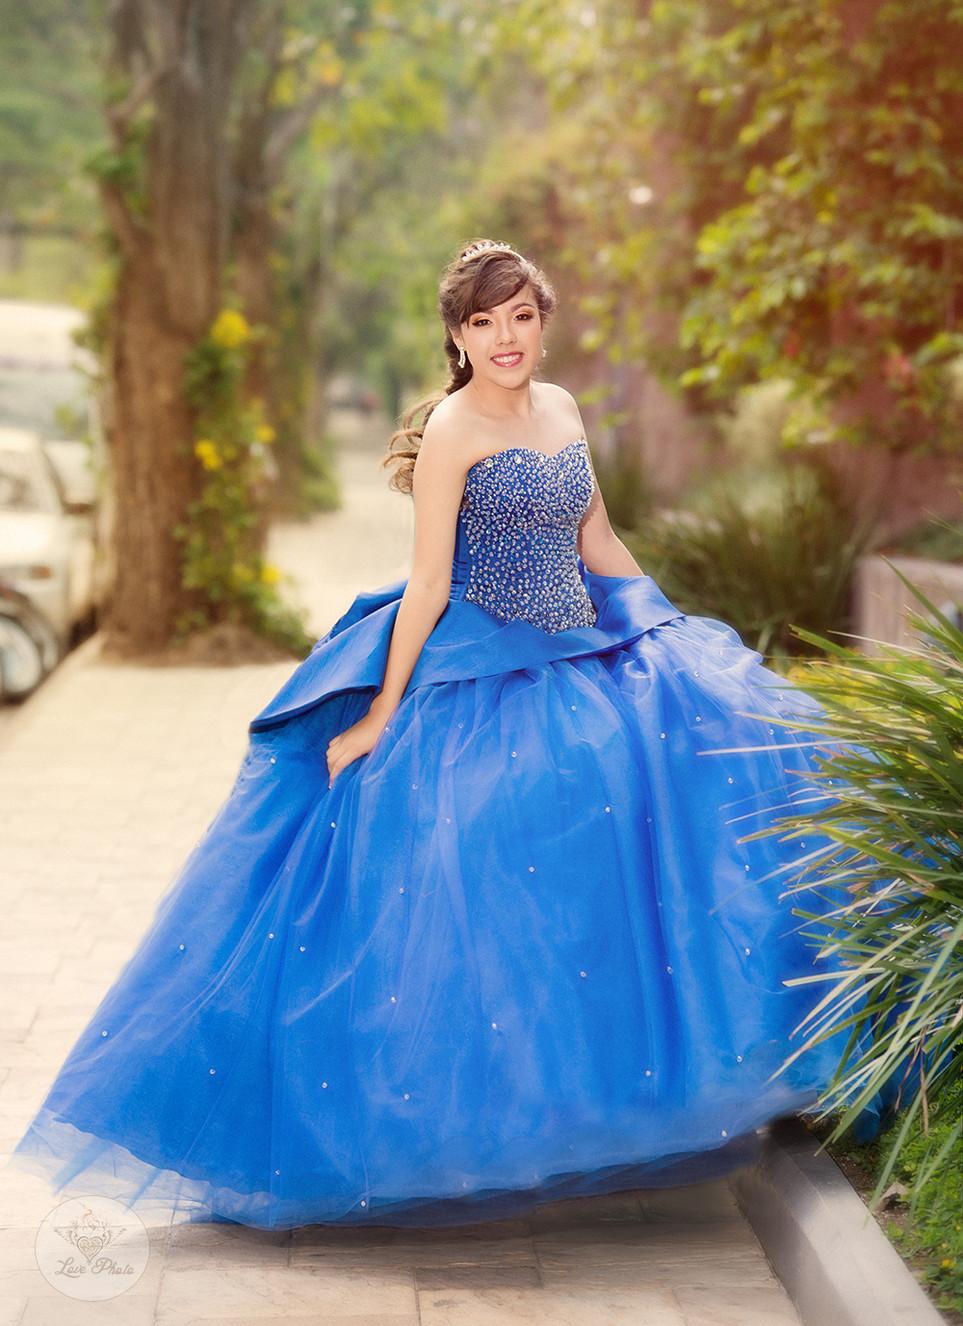 blue-dress-street(1).jpg